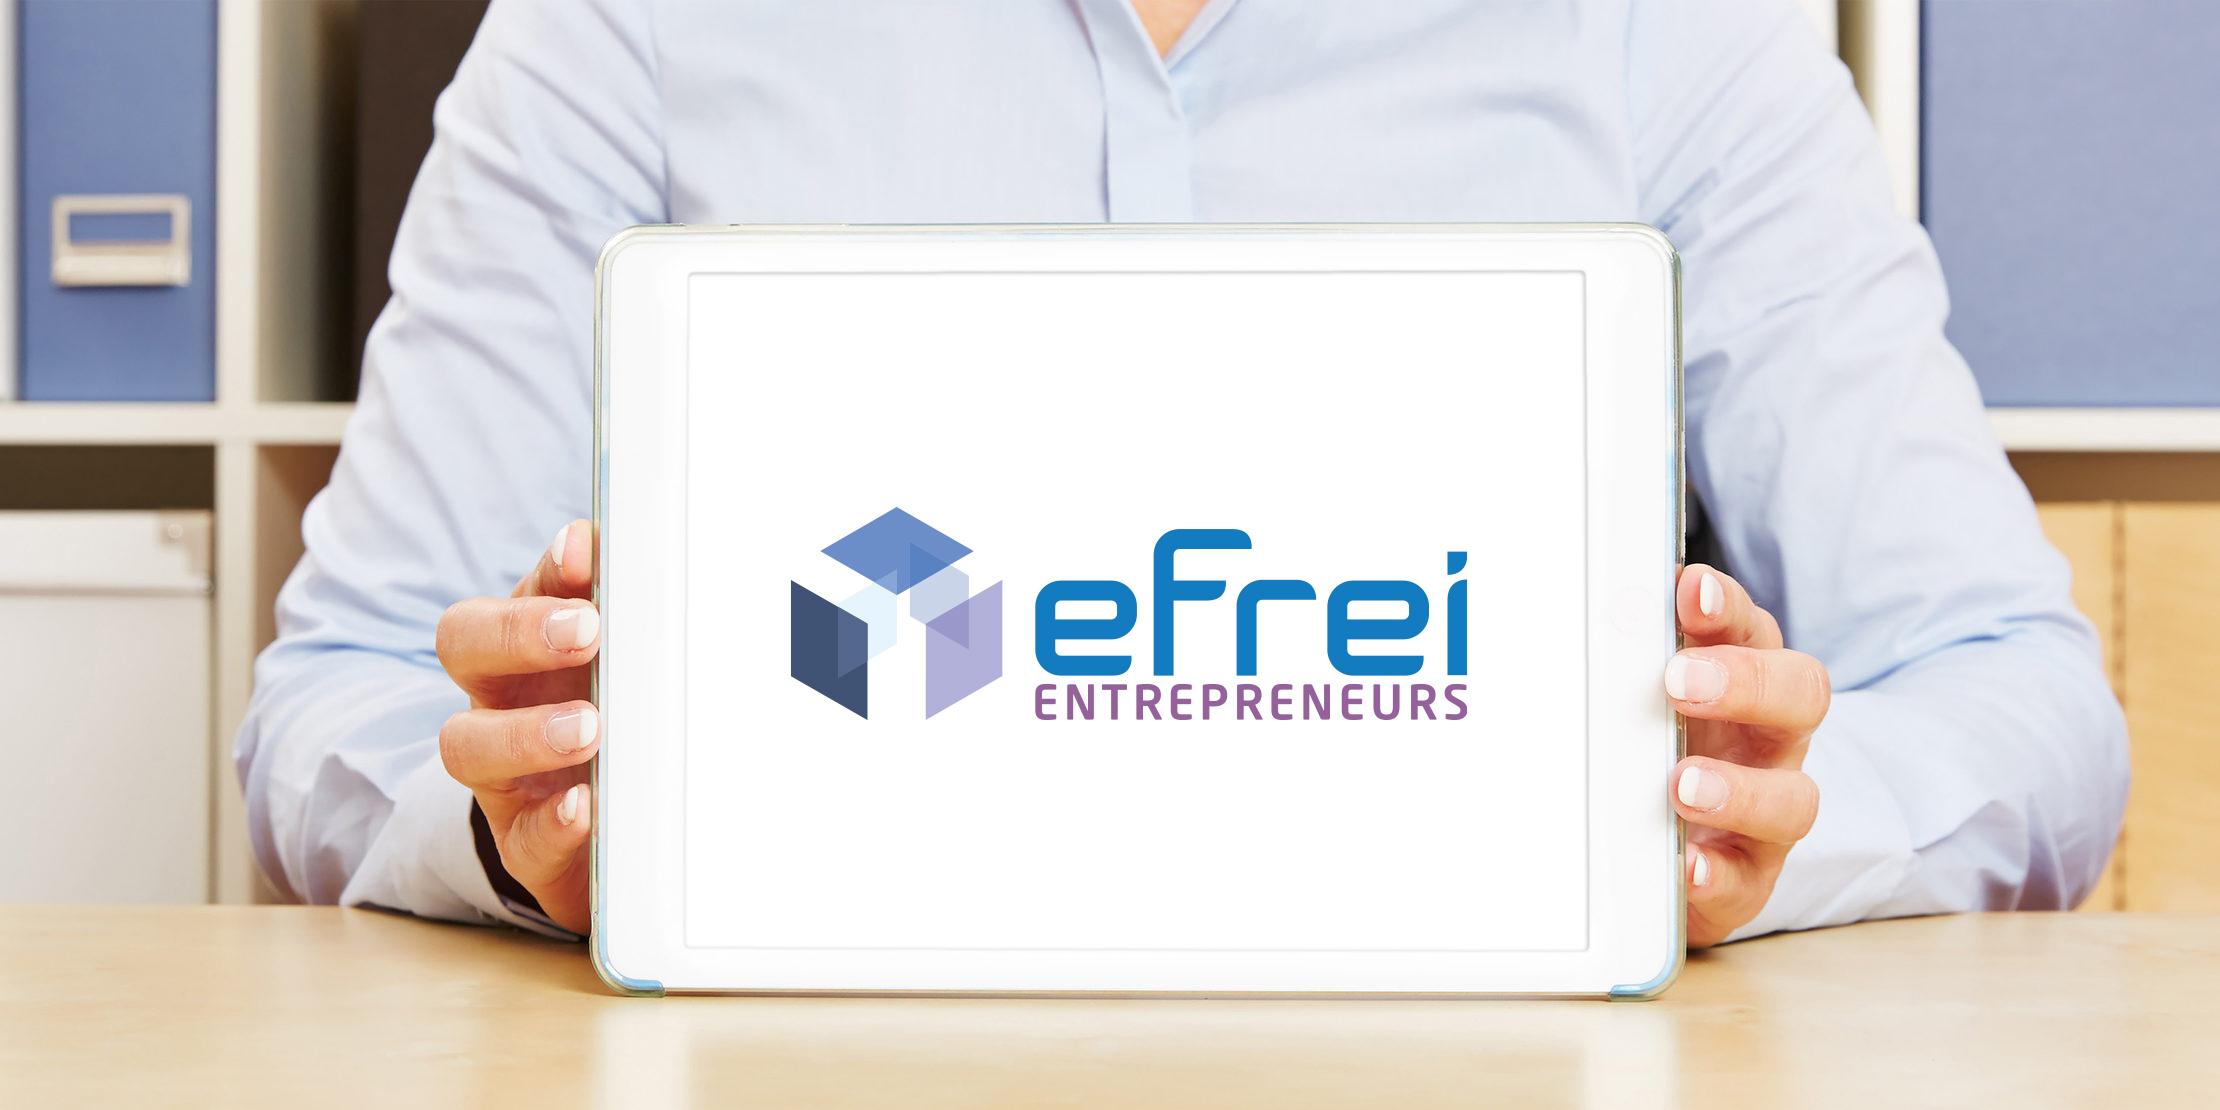 Efrei Entrepreneurs